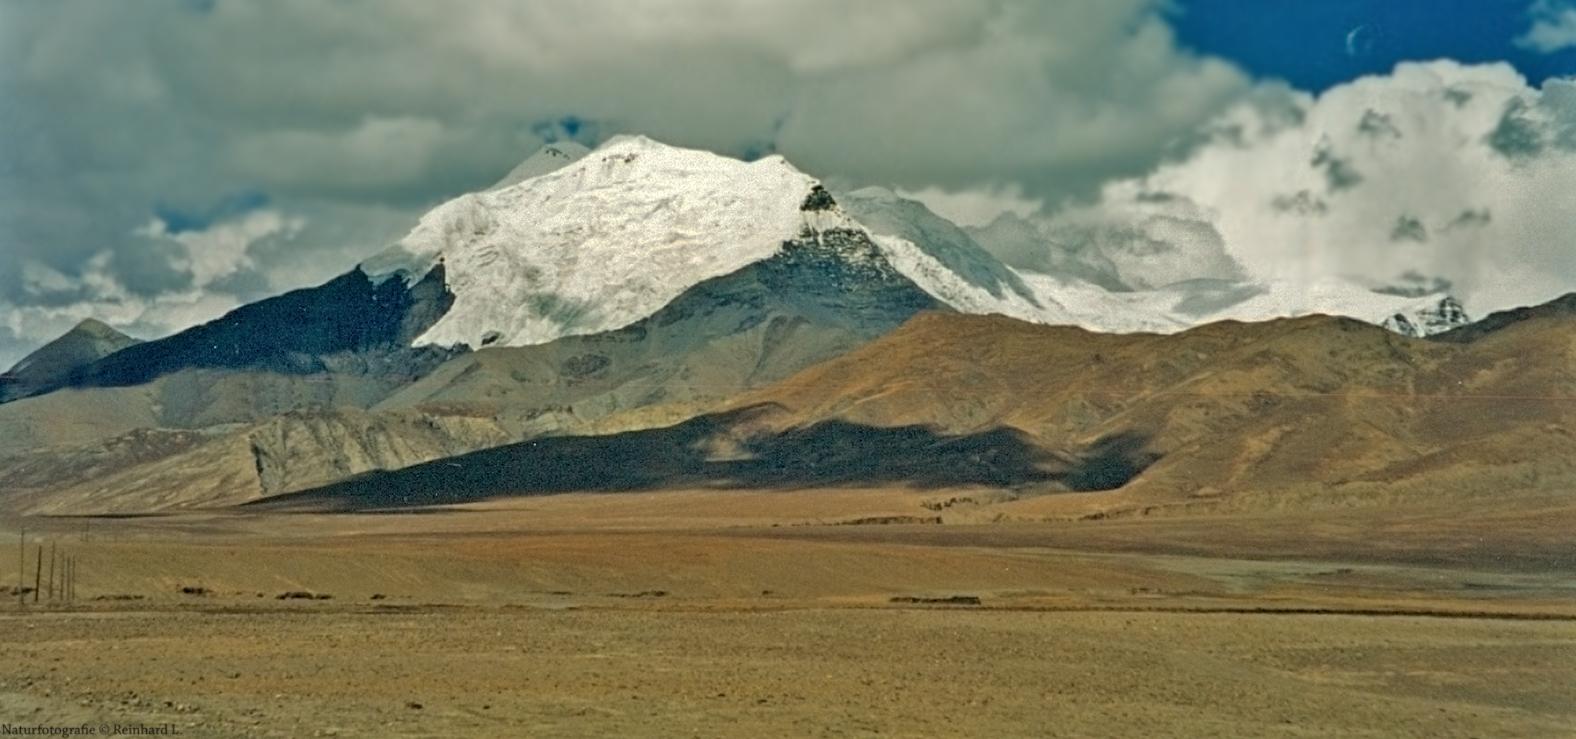 In Asiens Hochgebirgen:  Noijinkangsang  Tibet  / Transhimalya